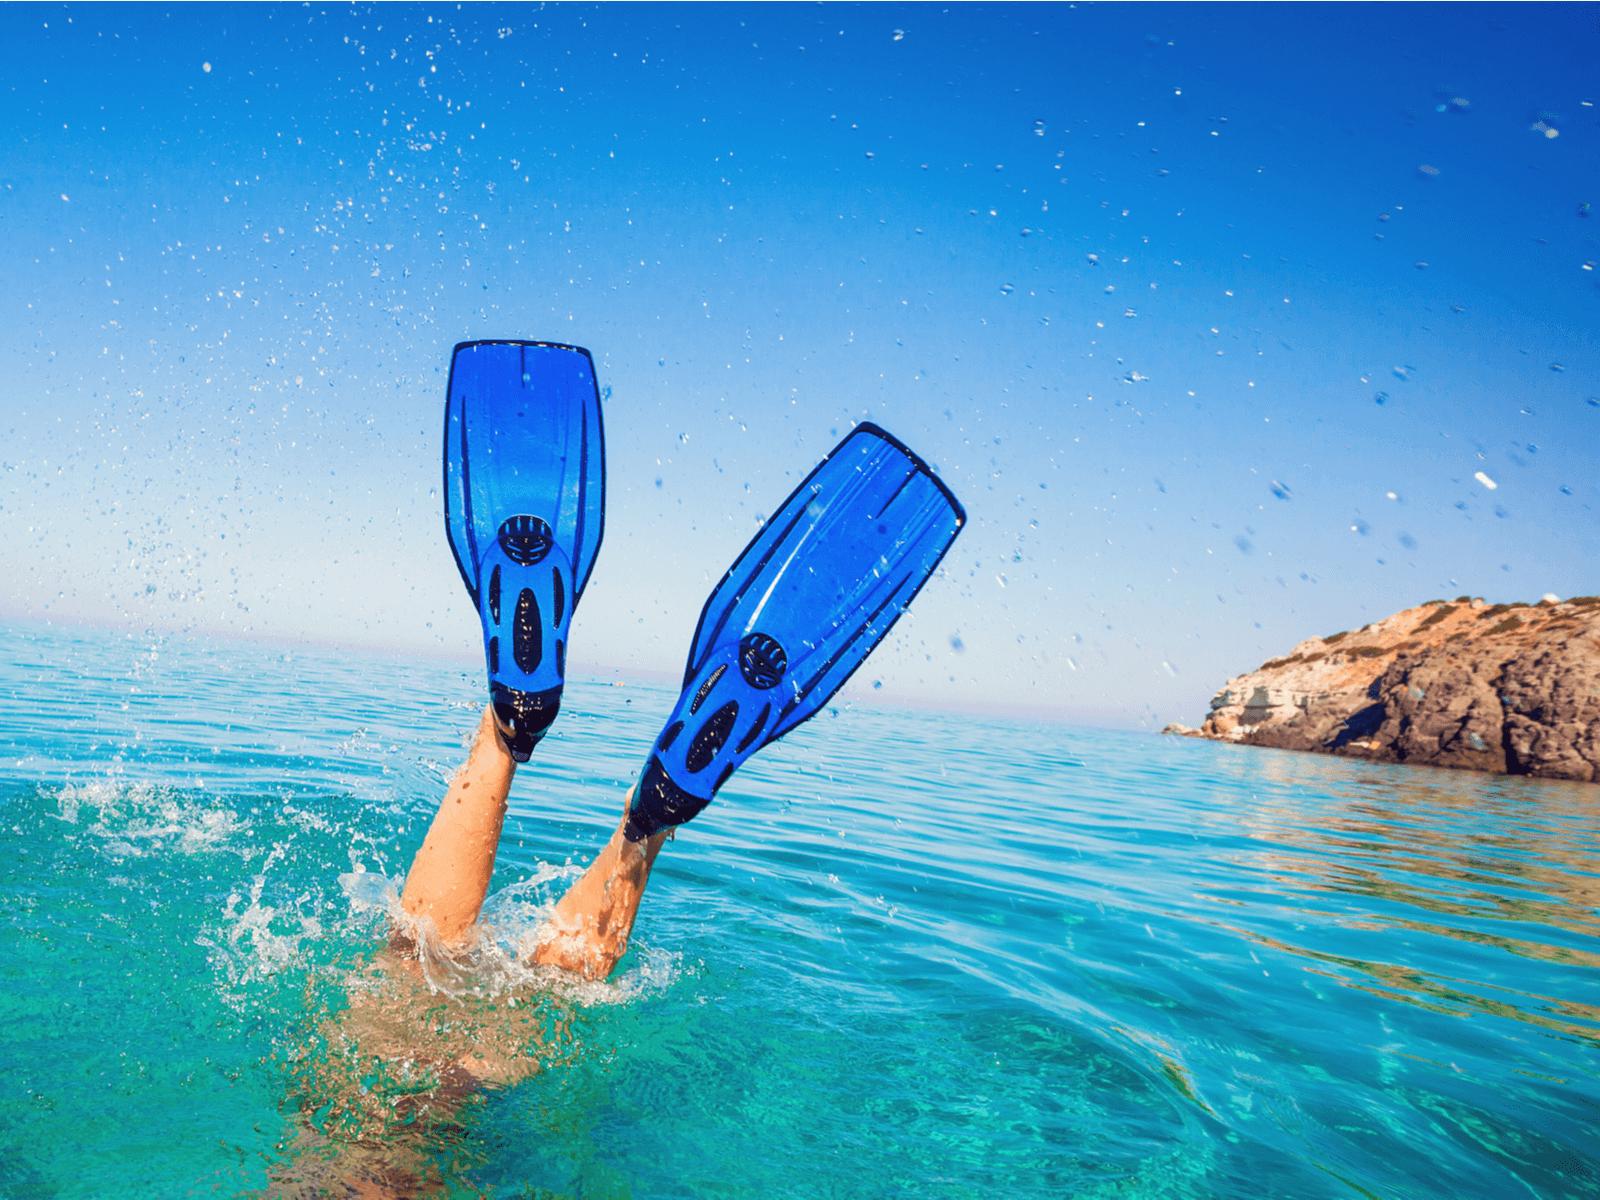 ダイビングフィンのおすすめ10選!選び方やお手入れ方法まで紹介